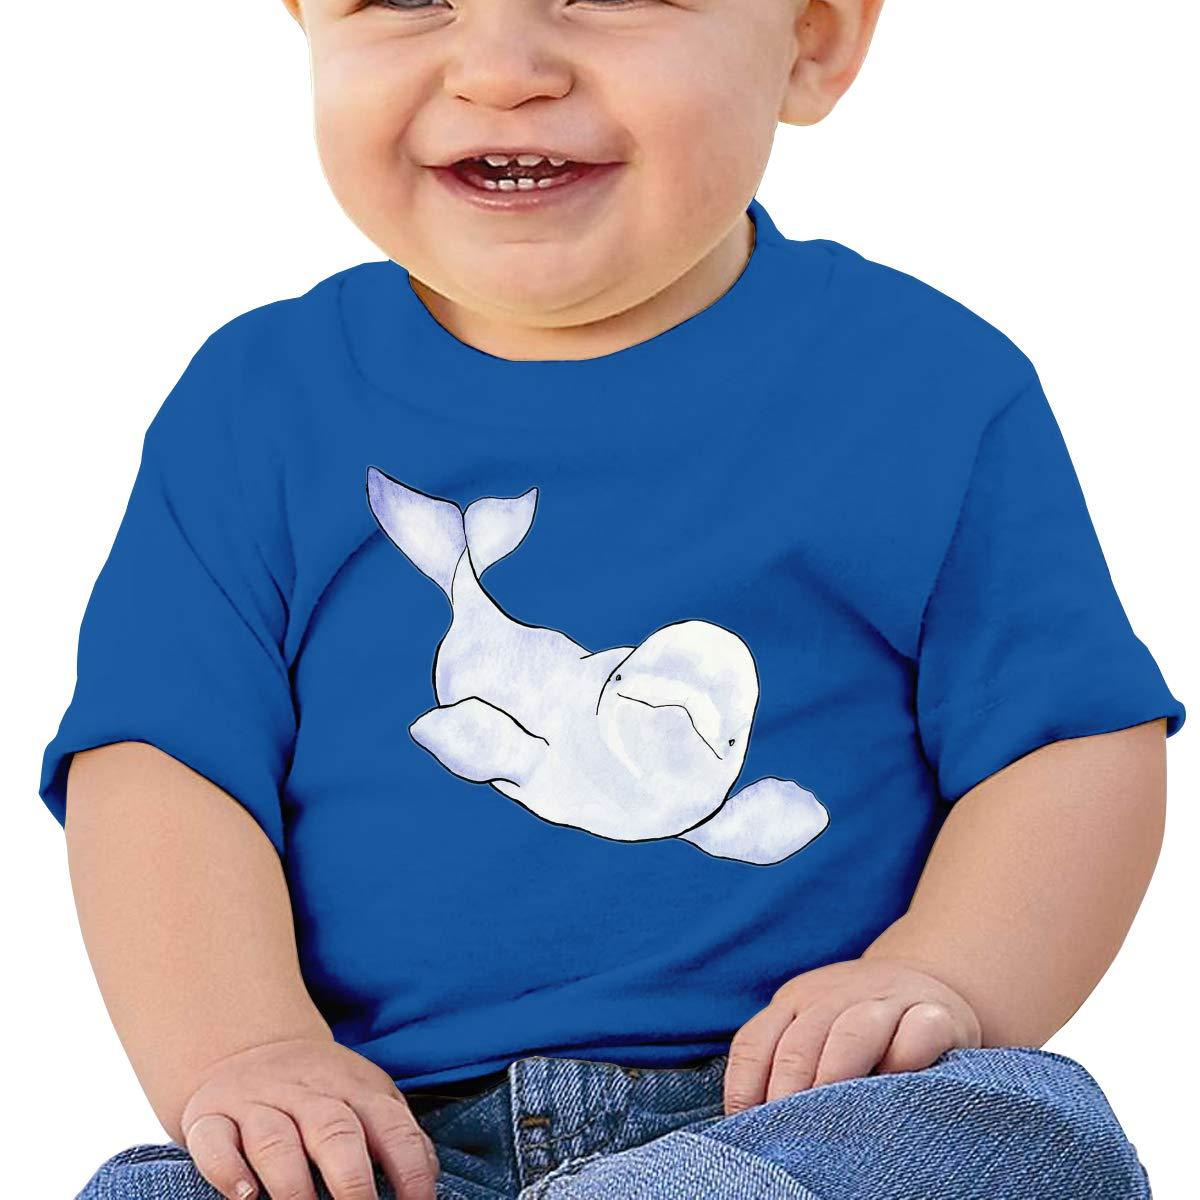 XHX403 Beluga Wave Infant Kids T Shirt Cotton Tee Toddler Baby 6-18M